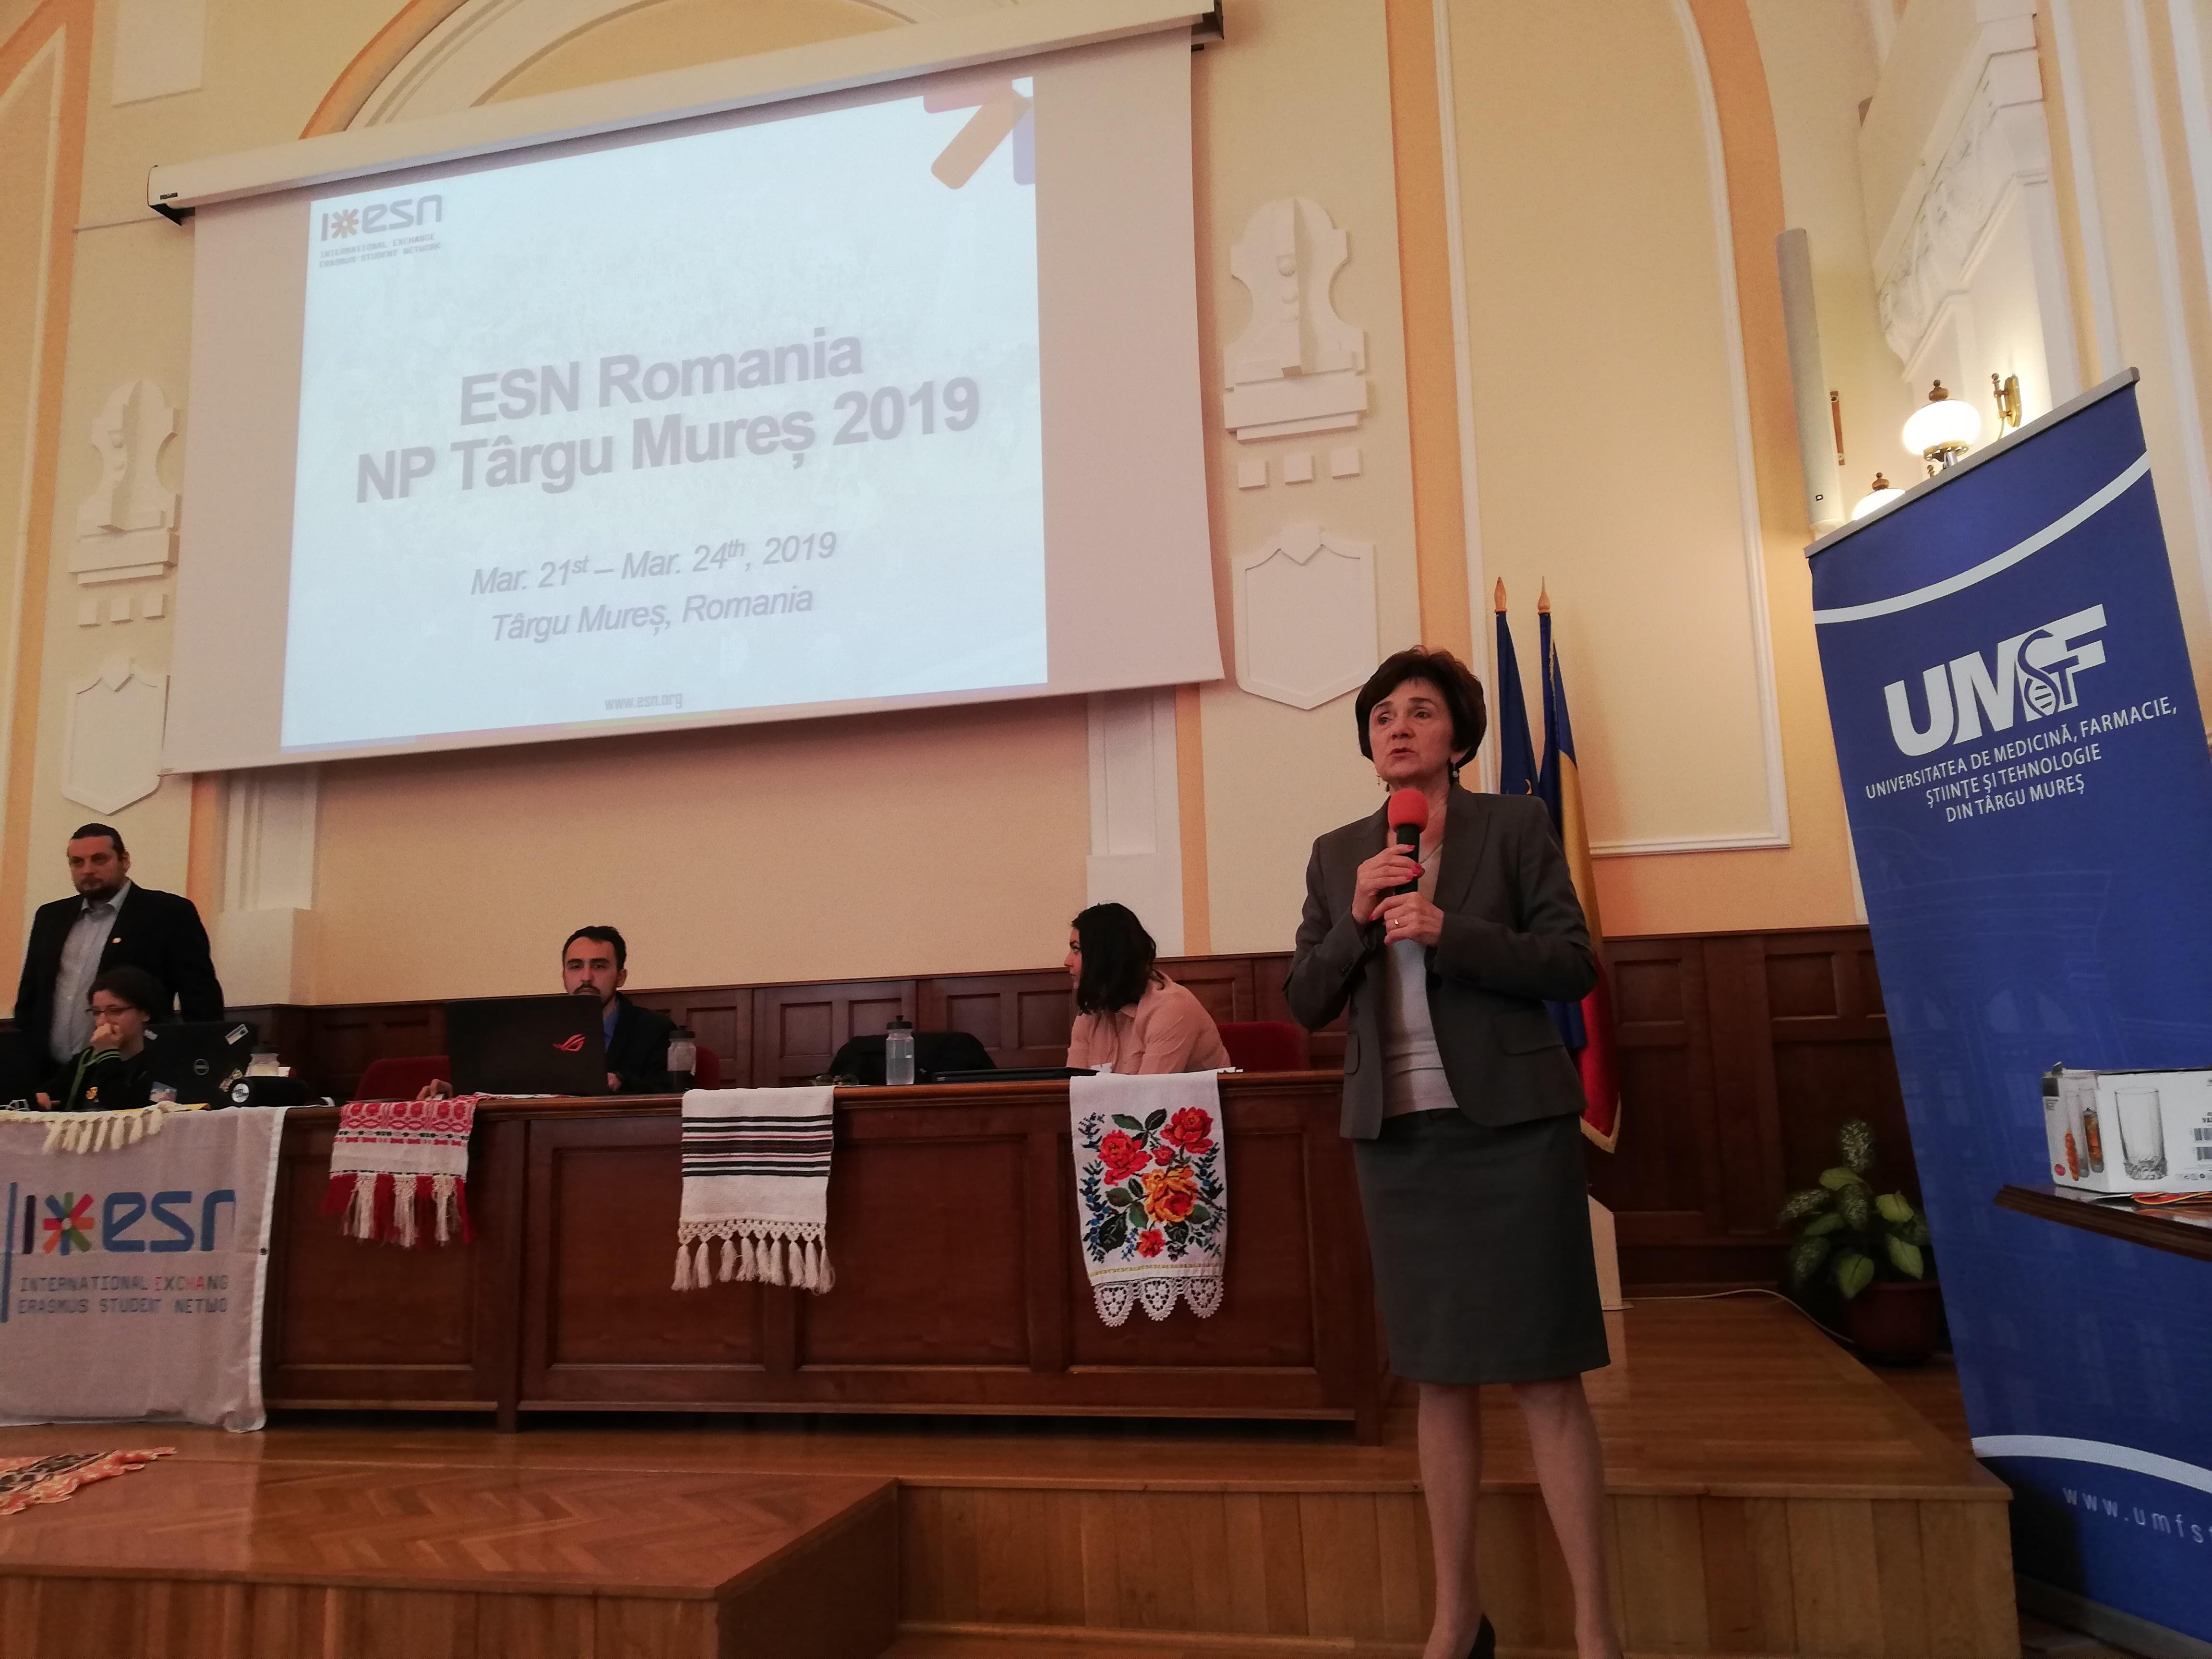 Studenți din toată țara participă la Platforma Națională Erasmus Student Network de la UMFST Târgu Mureș